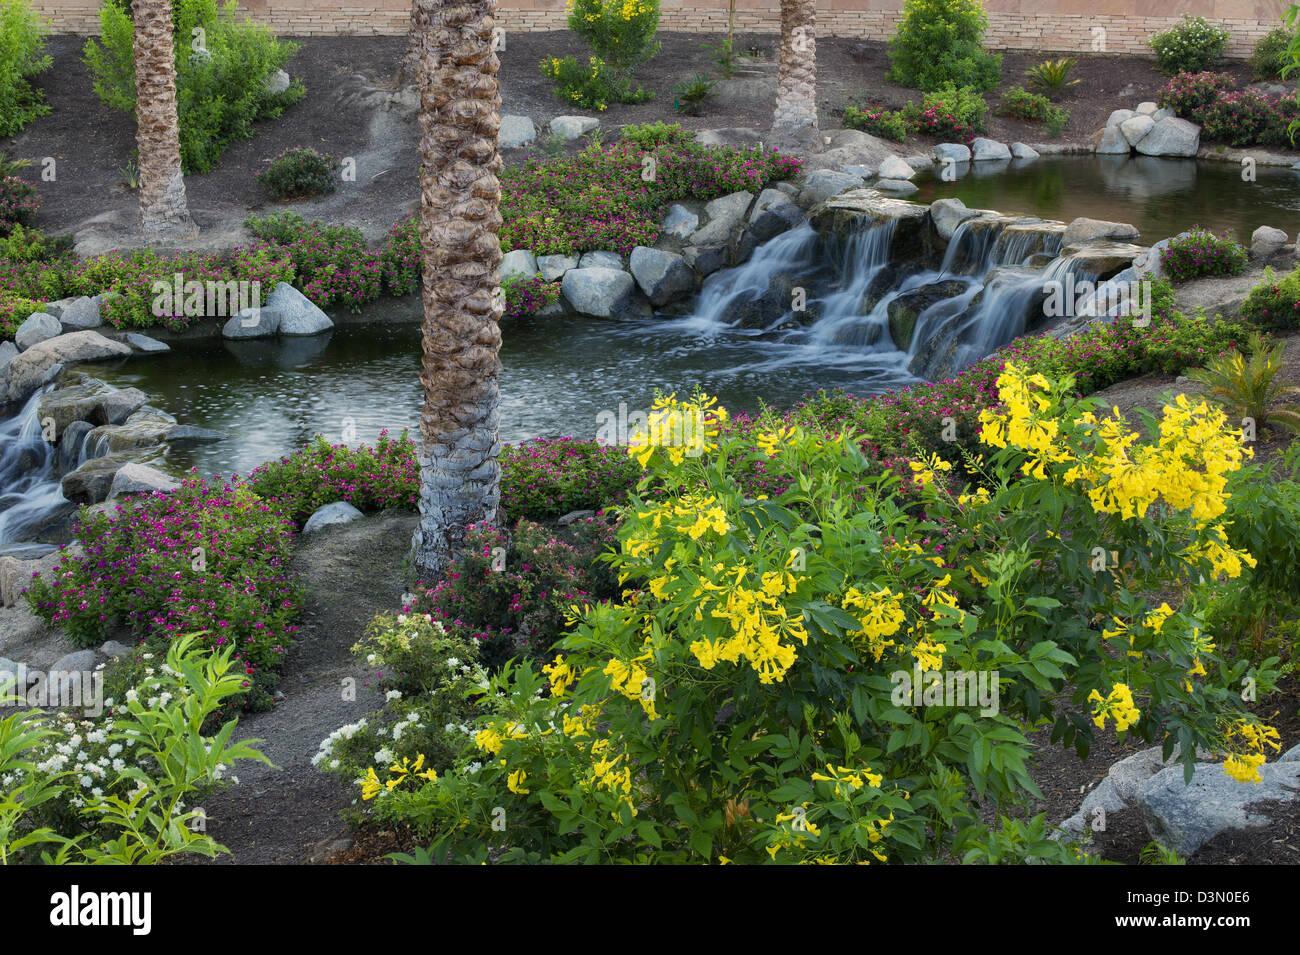 wasserfalle im garten, wasserfälle im garten. palm desert, kalifornien stockfoto, bild, Design ideen